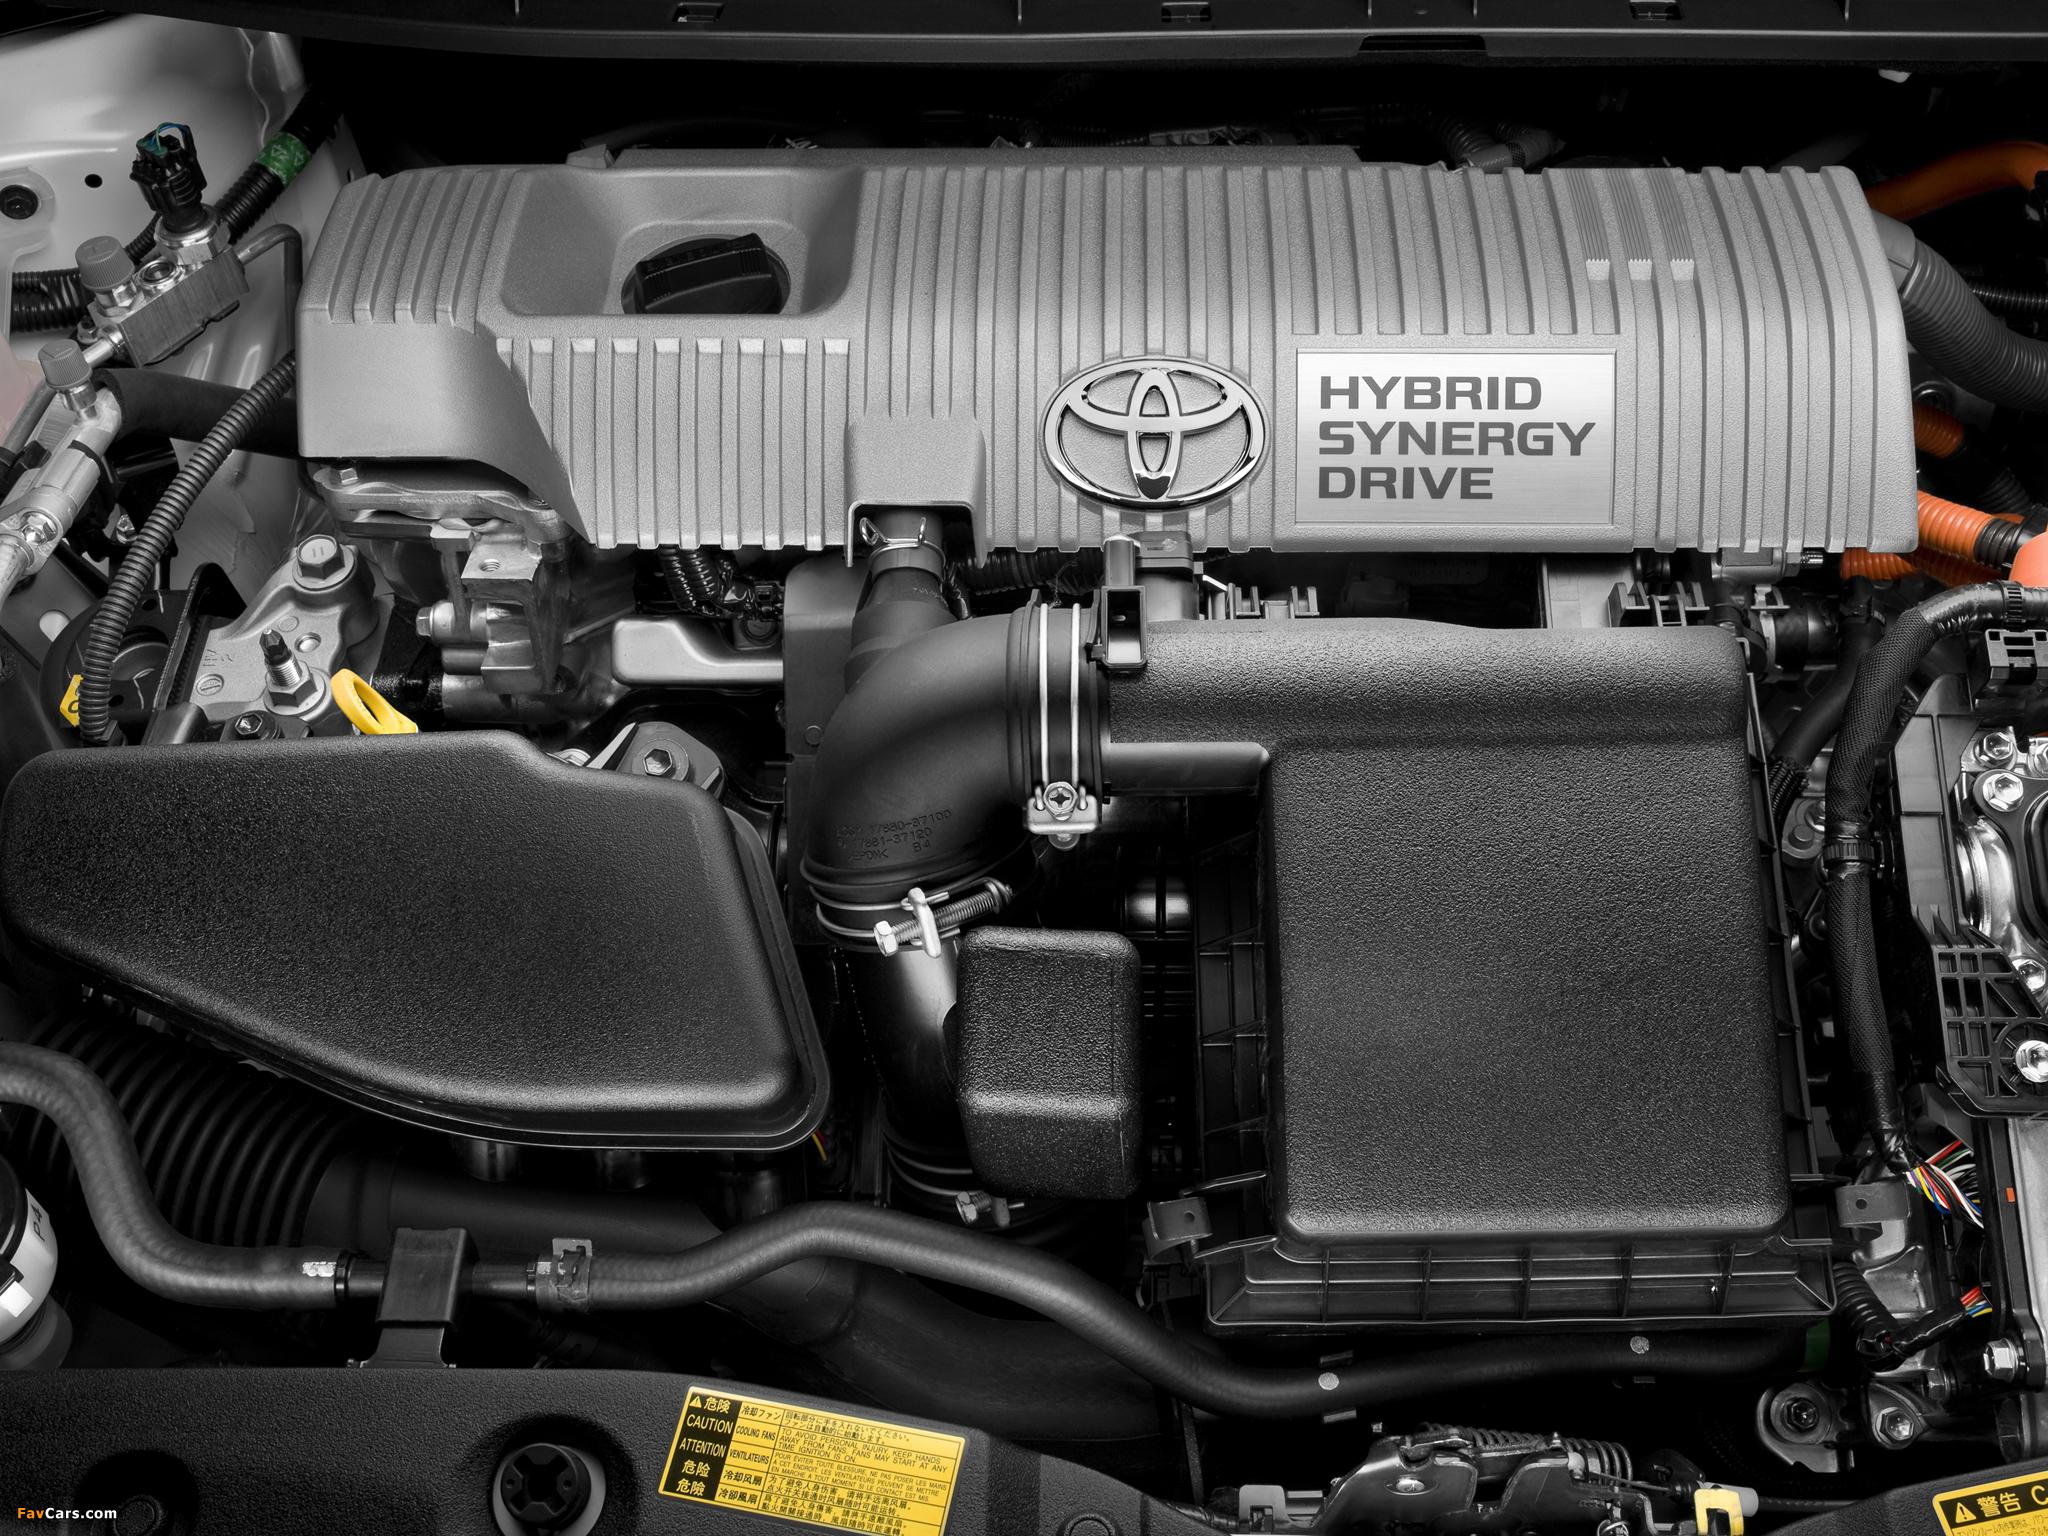 2017 RAV4 and RAV4 Hybrid - Toyota Canada